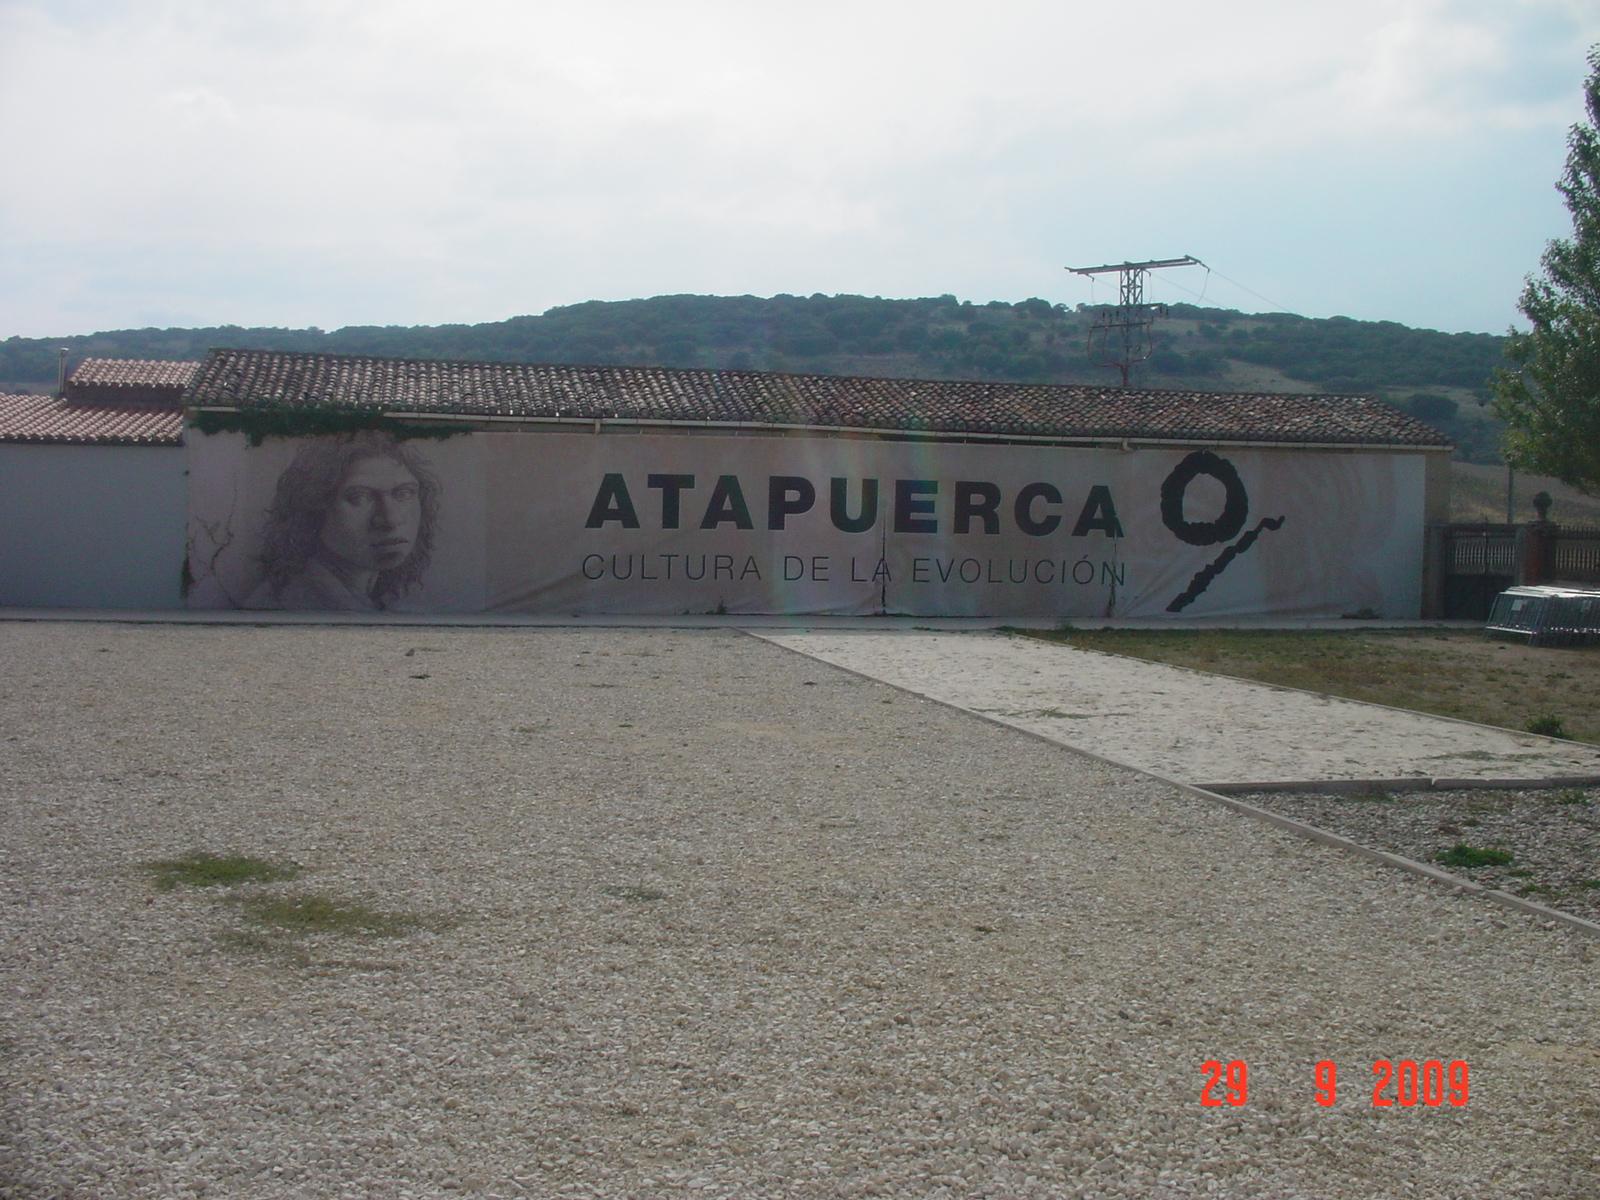 die Ausgrabungsstätten von Atapuerca gehören zum Welt-Kulturerbe